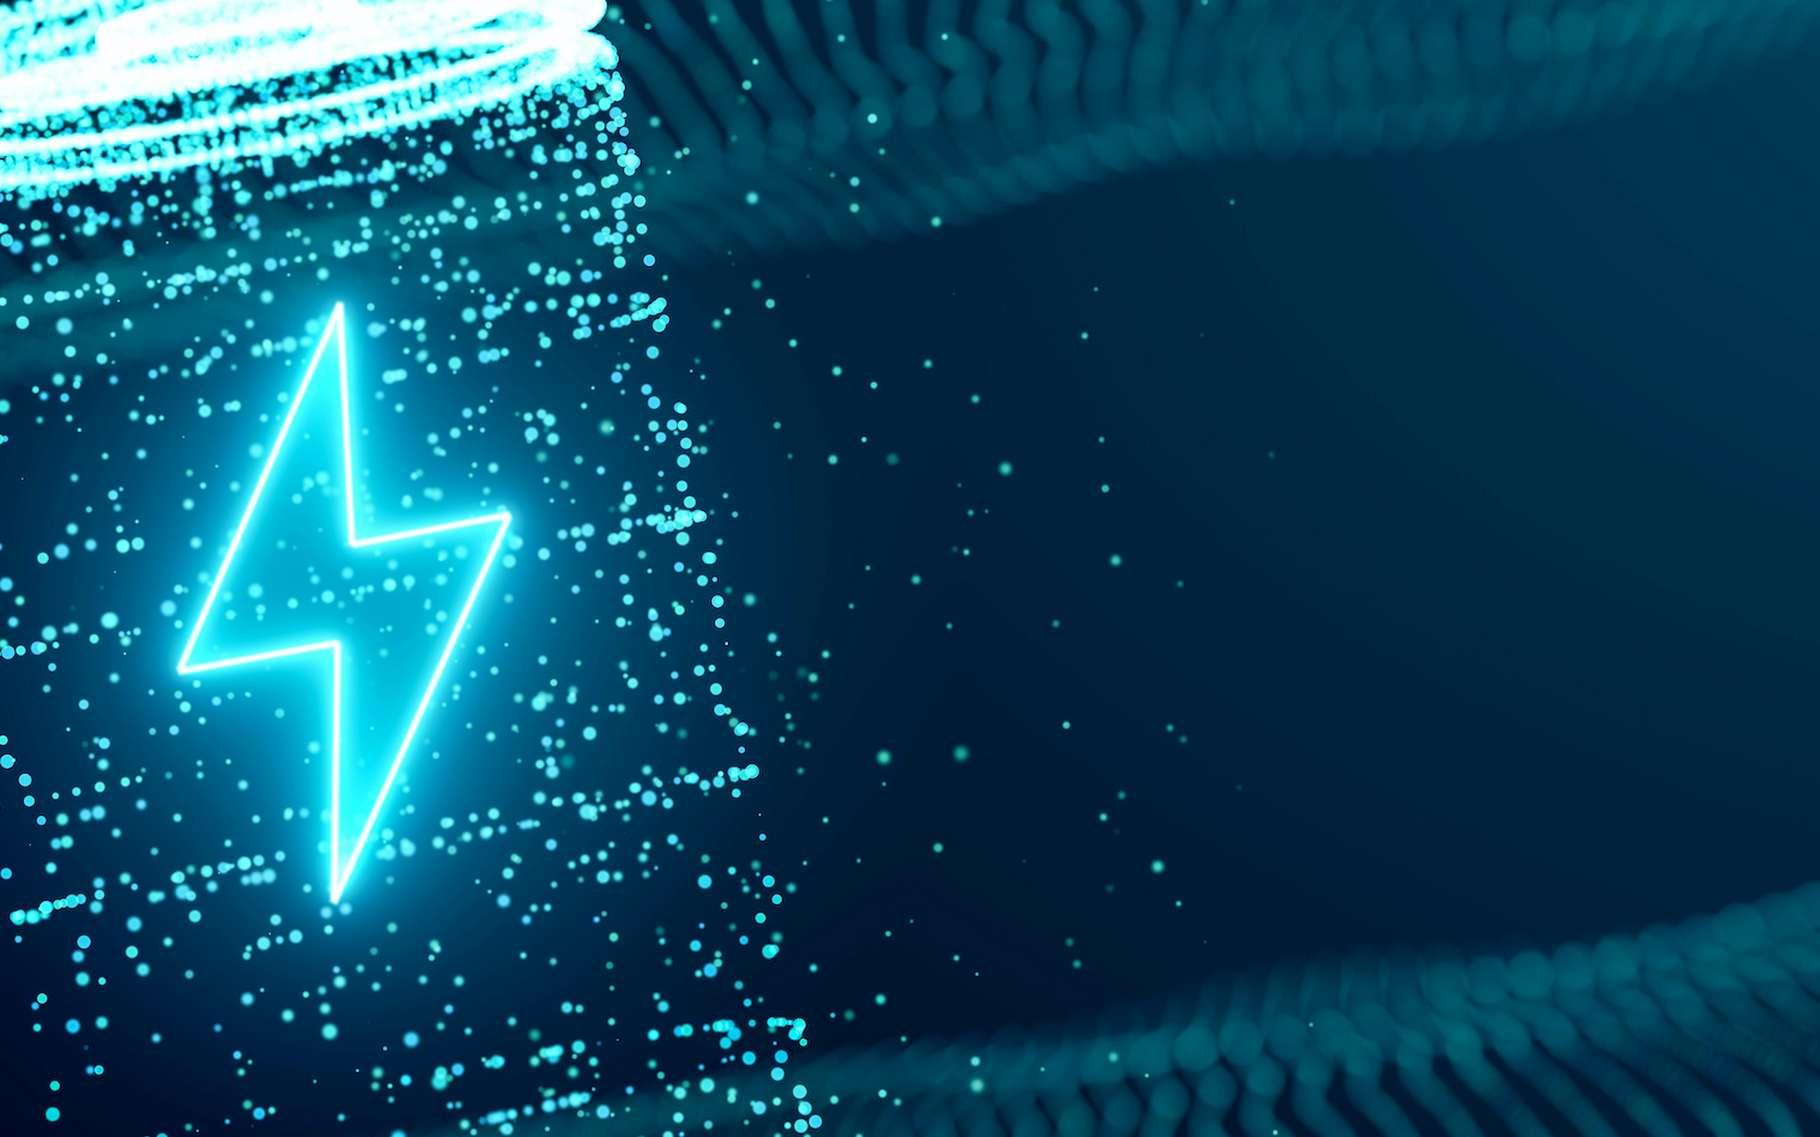 De plus en plus de batteries lithium-ion vont arriver en fin de vie. Il faudra trouver un moyen rentable de les recycler. © black_kira, Adobe Stock